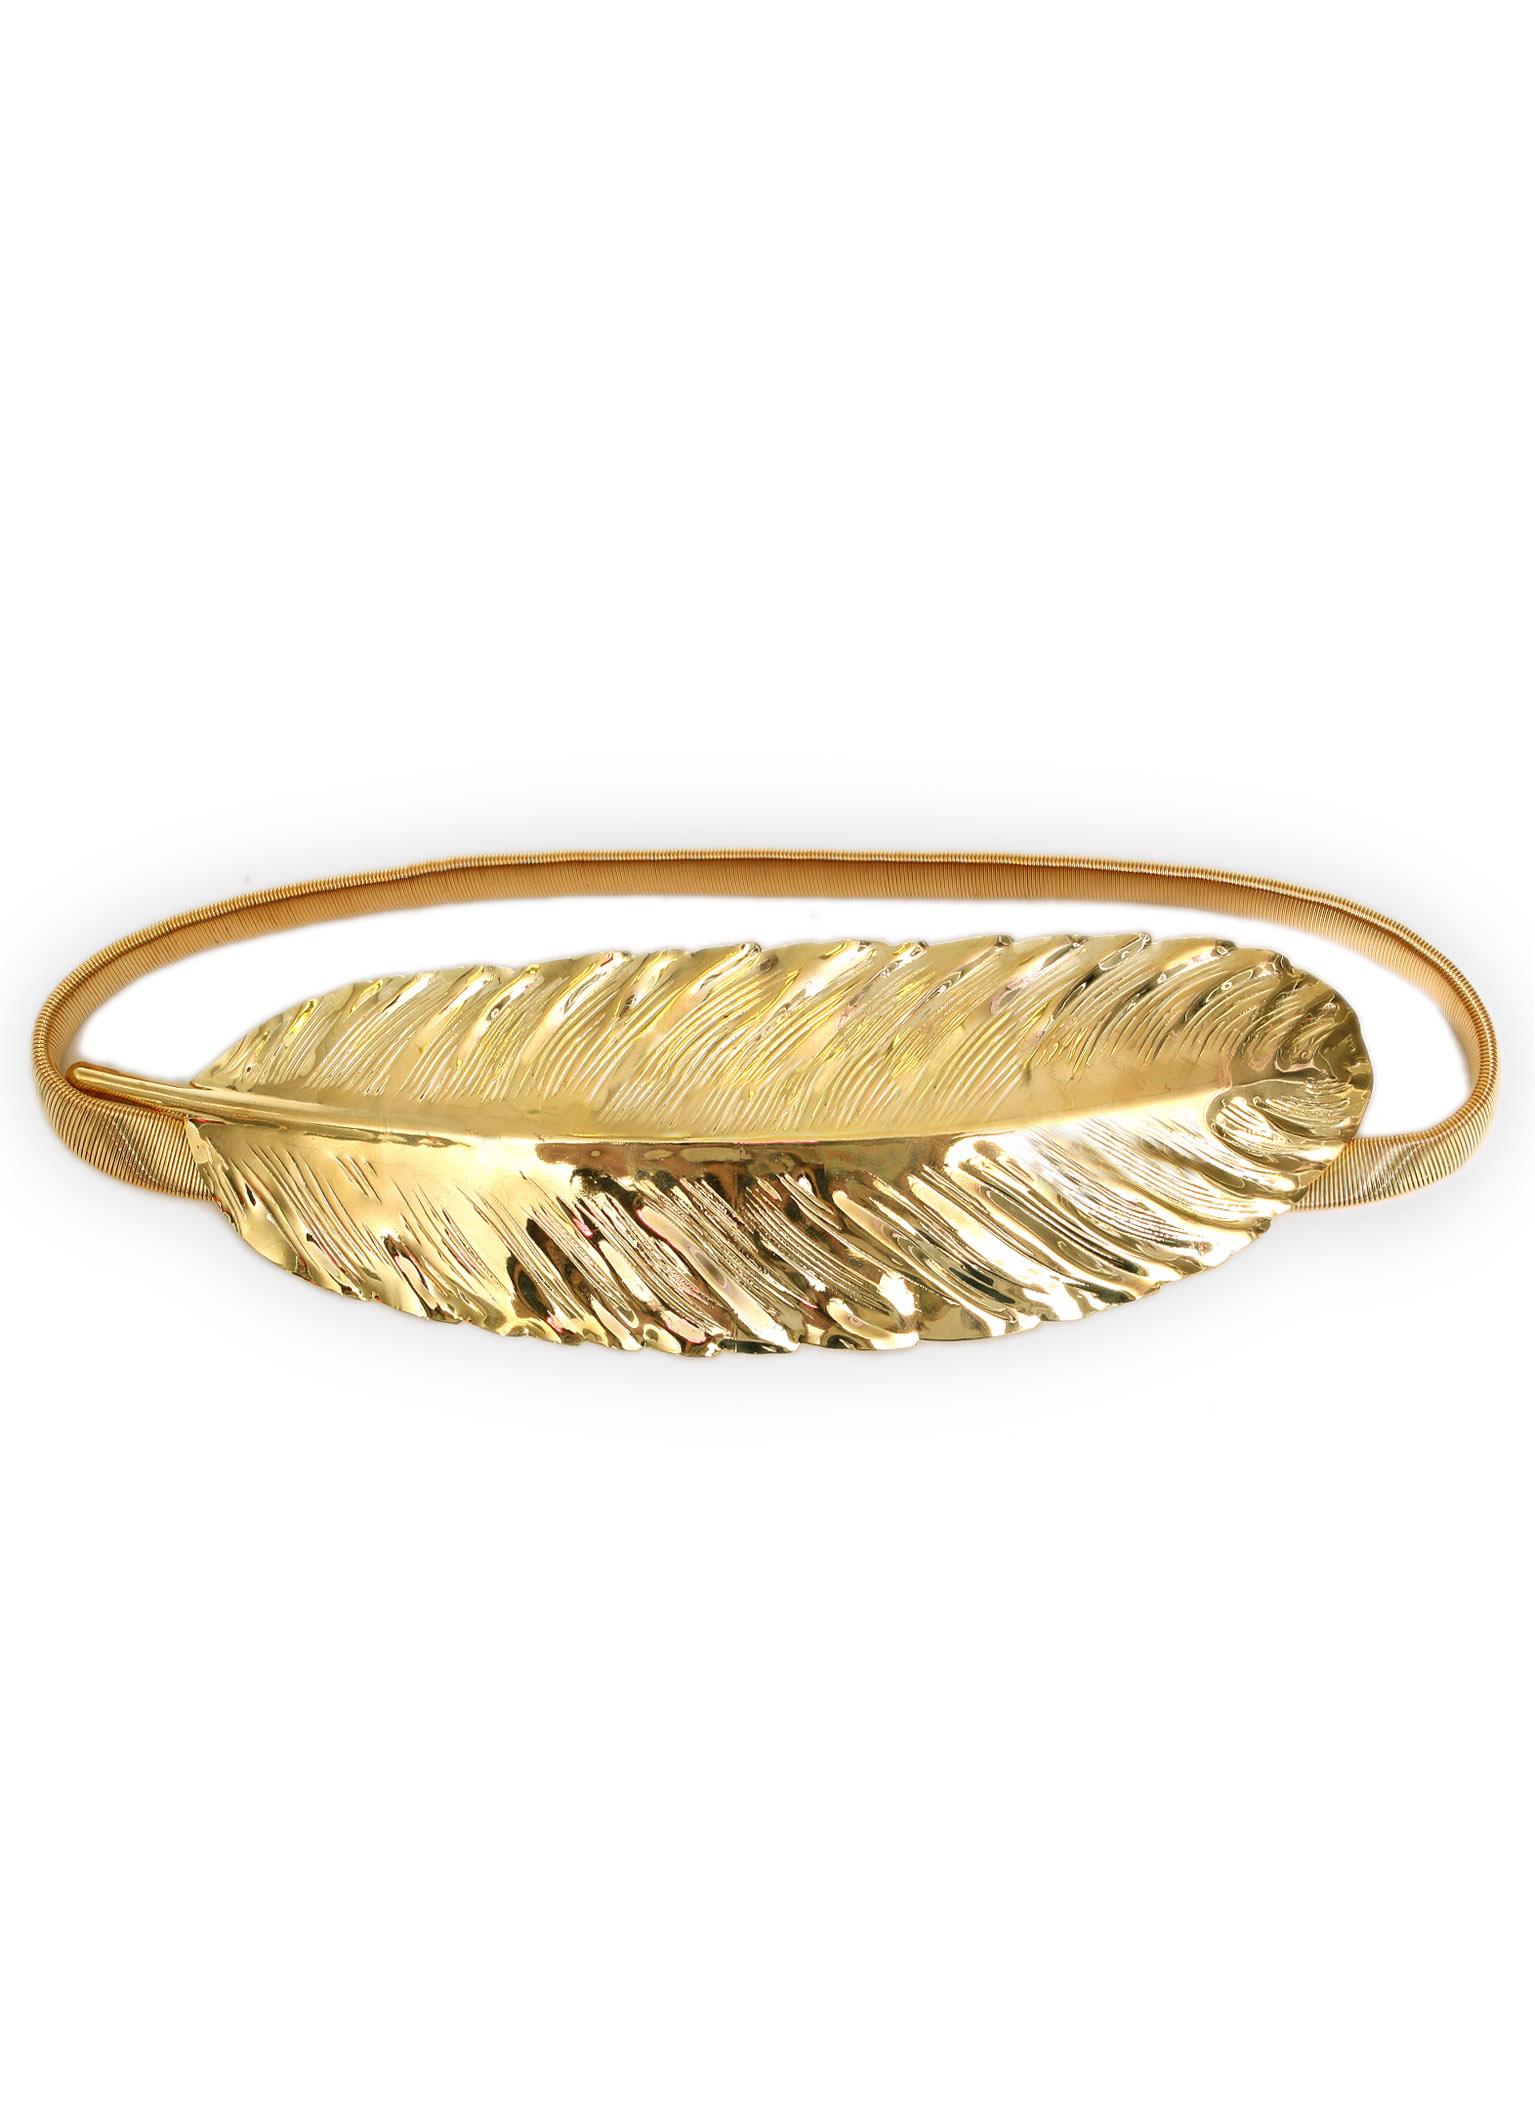 Bgo & me: Cinturón elástico con pluma dorada